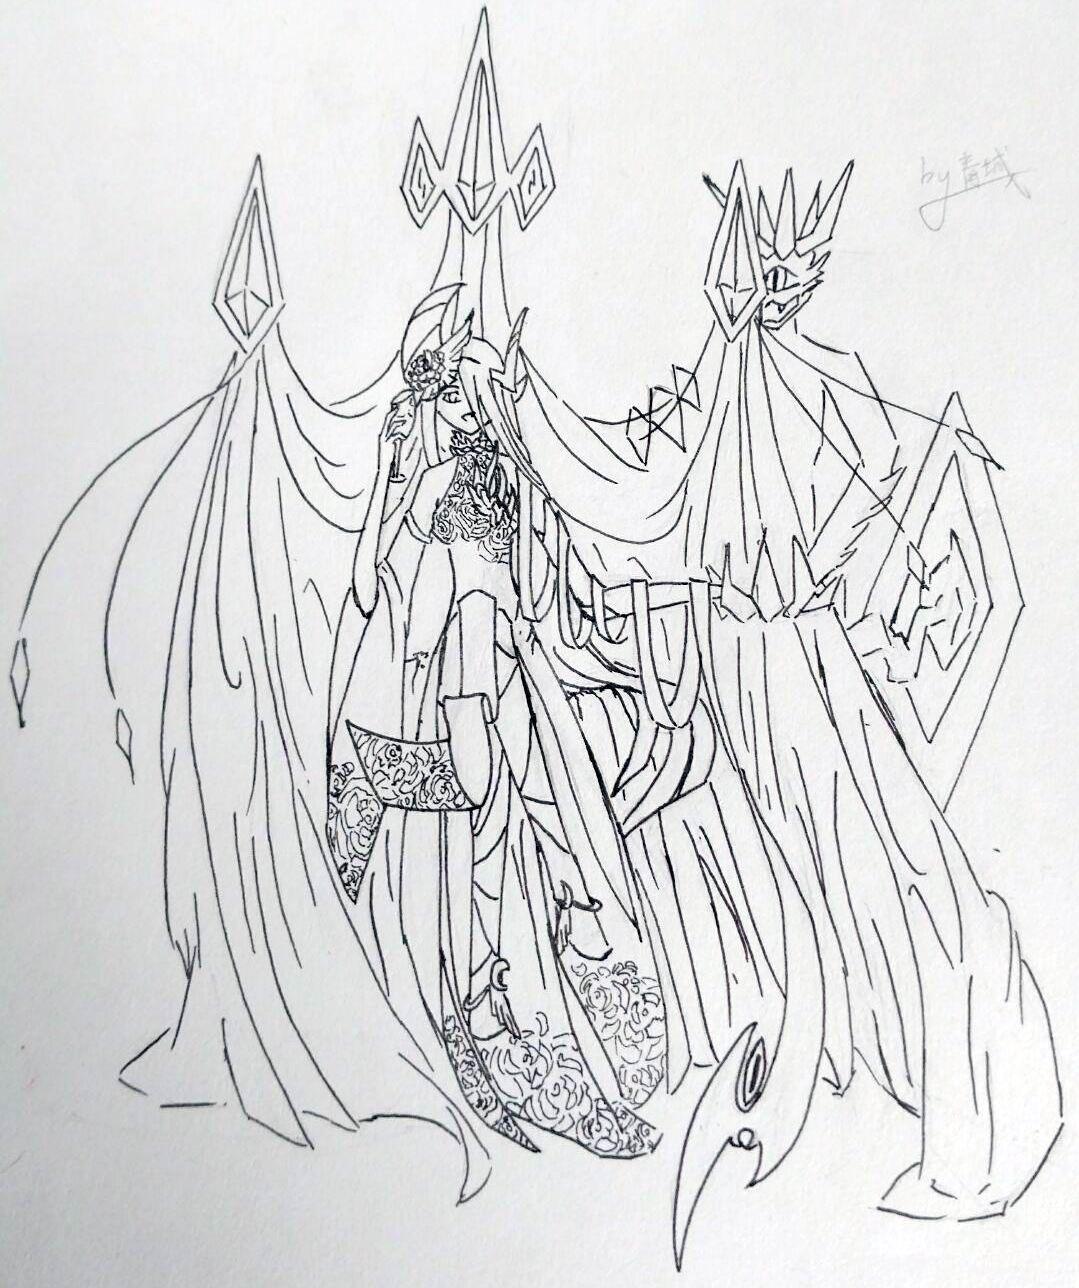 【第二期】奥拉星亚比皮肤设计大赛——女神亚比